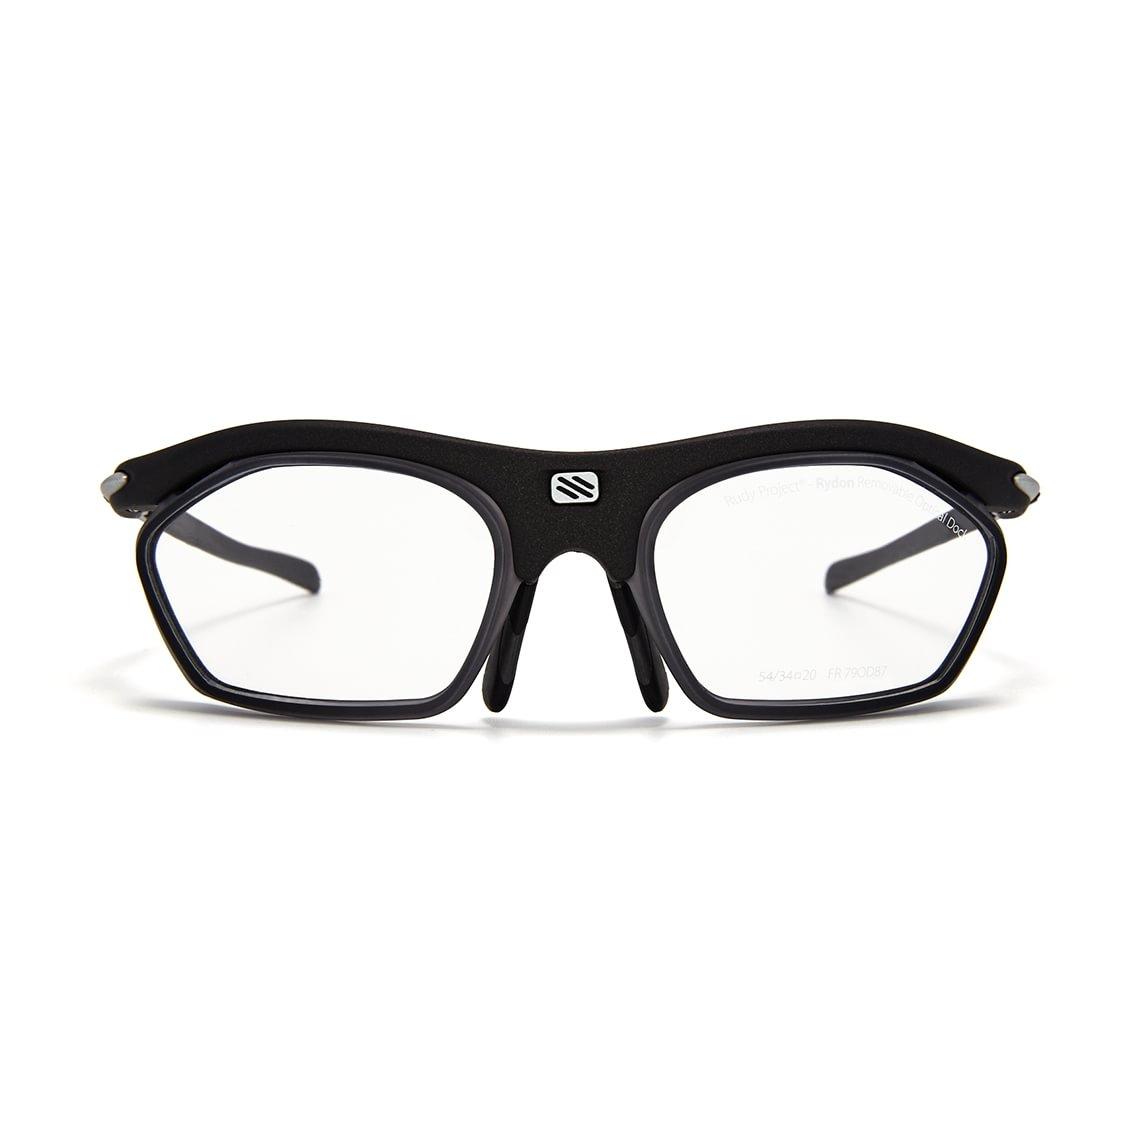 Rudy Project Rydon Rydon Black Matte Optical Dock SP53OD06-0000